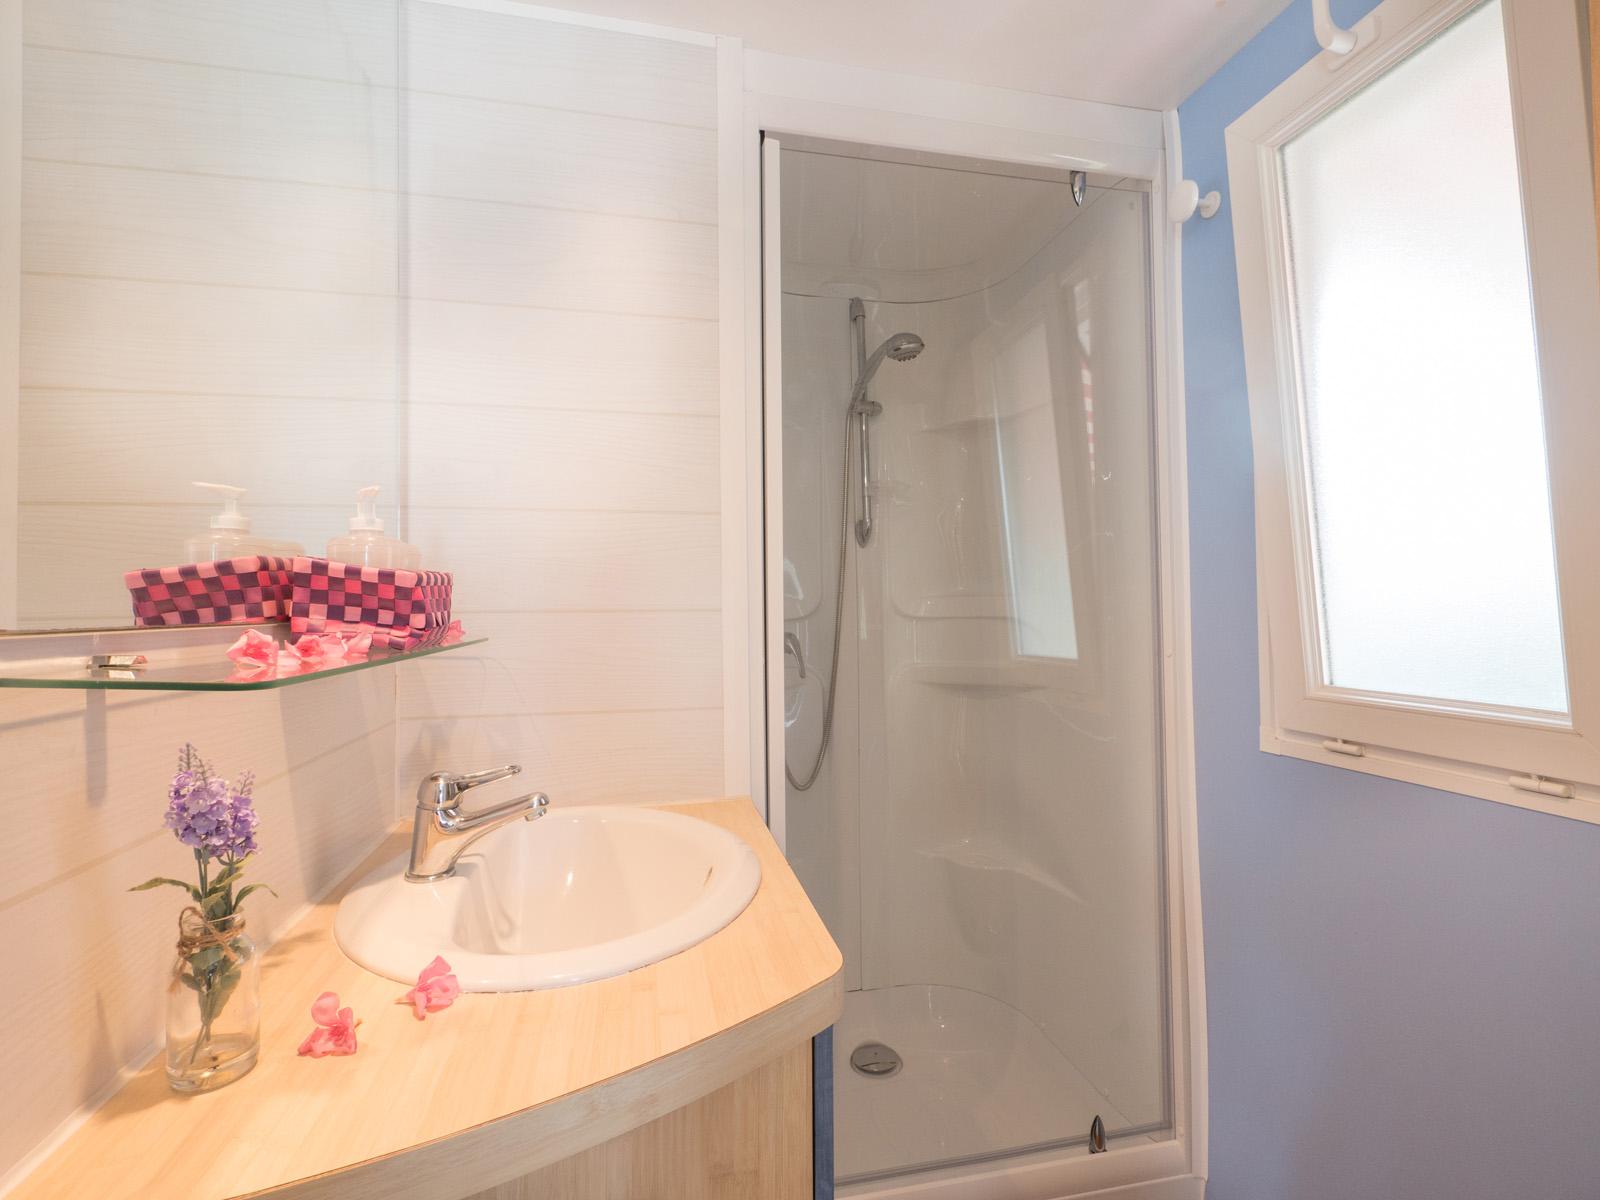 Salle de bain de mobilhome